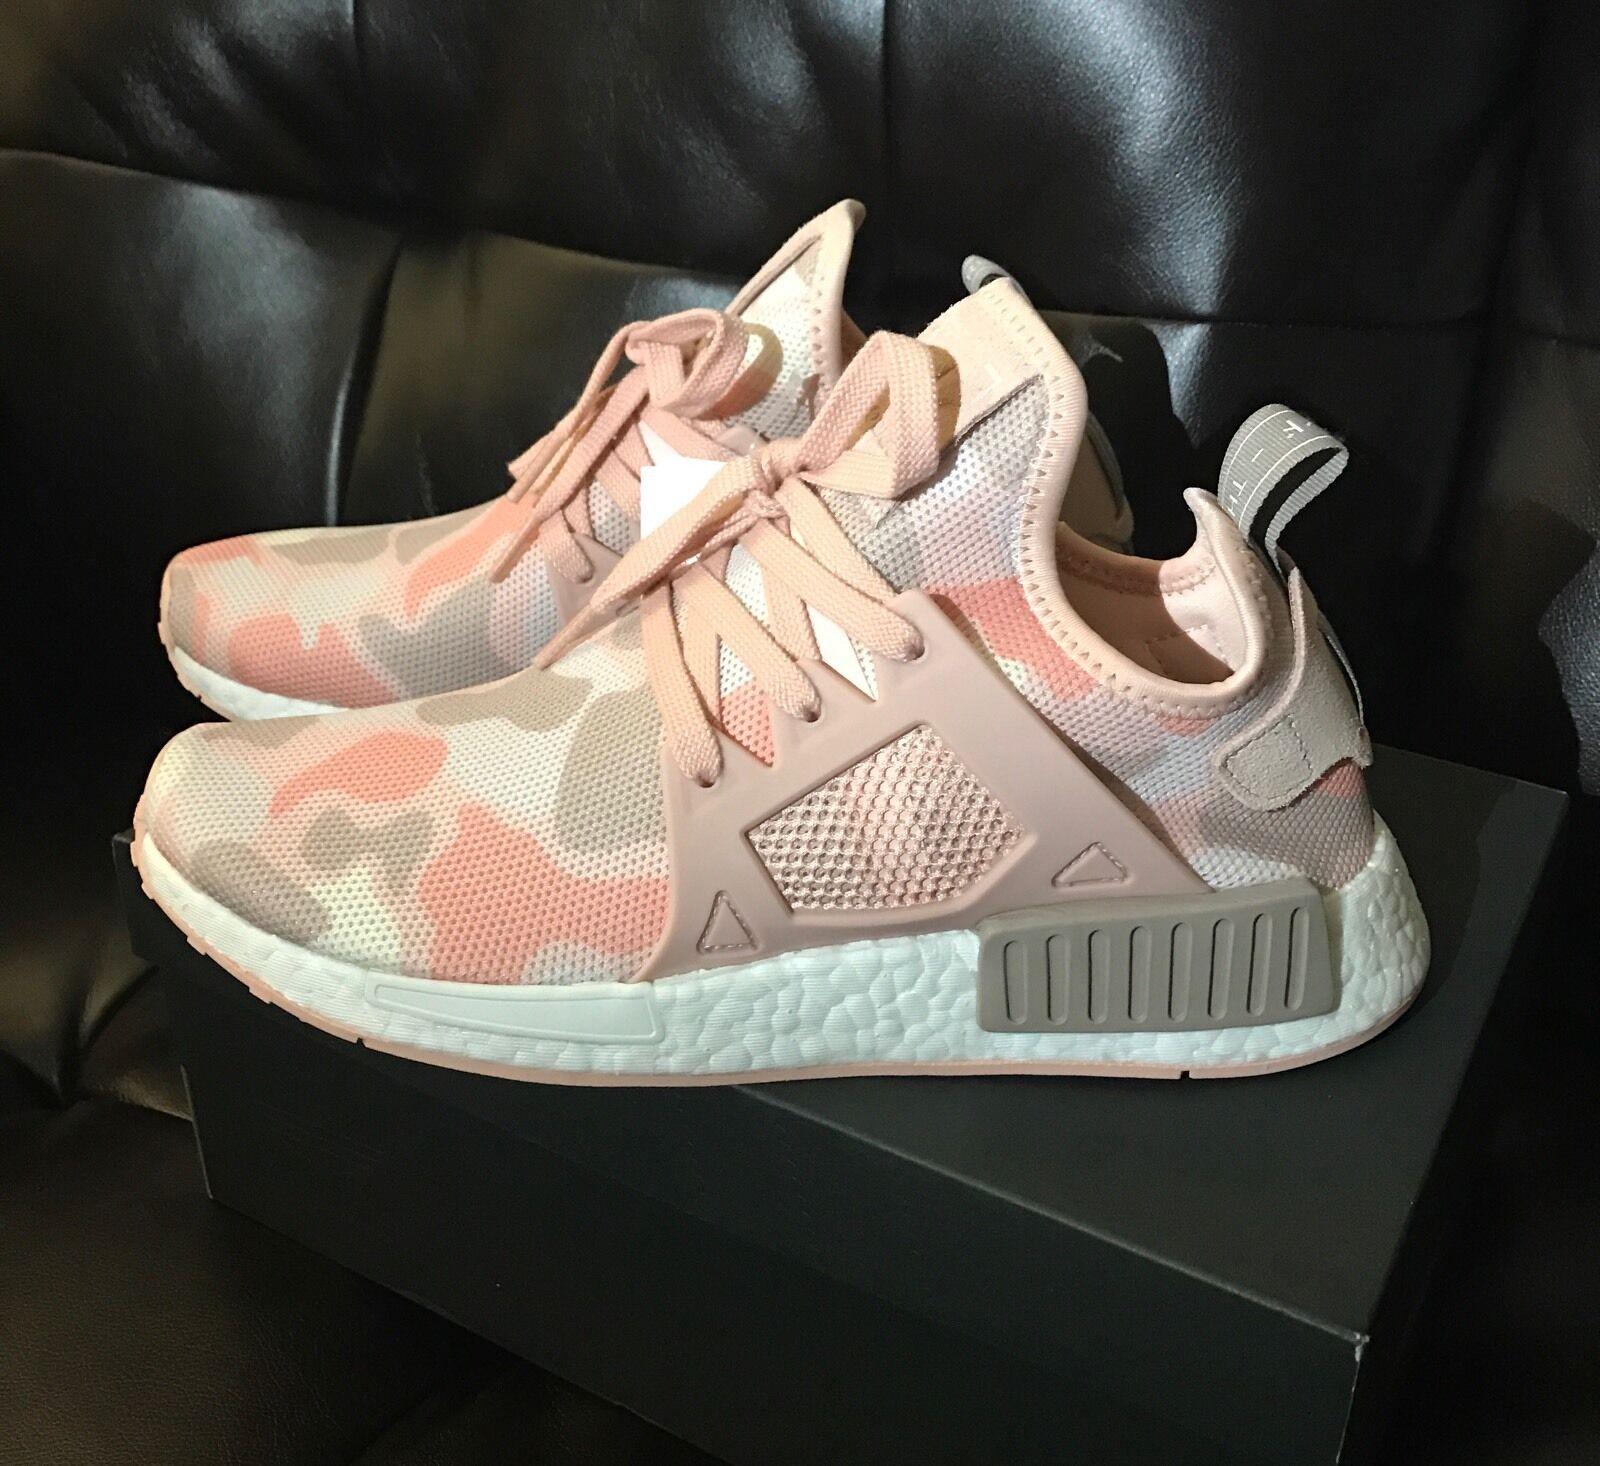 Chaussure de course à pied pour femmes Adidas NMD XR1 Boost Pink Duck Camo 9 US 7.5 UK